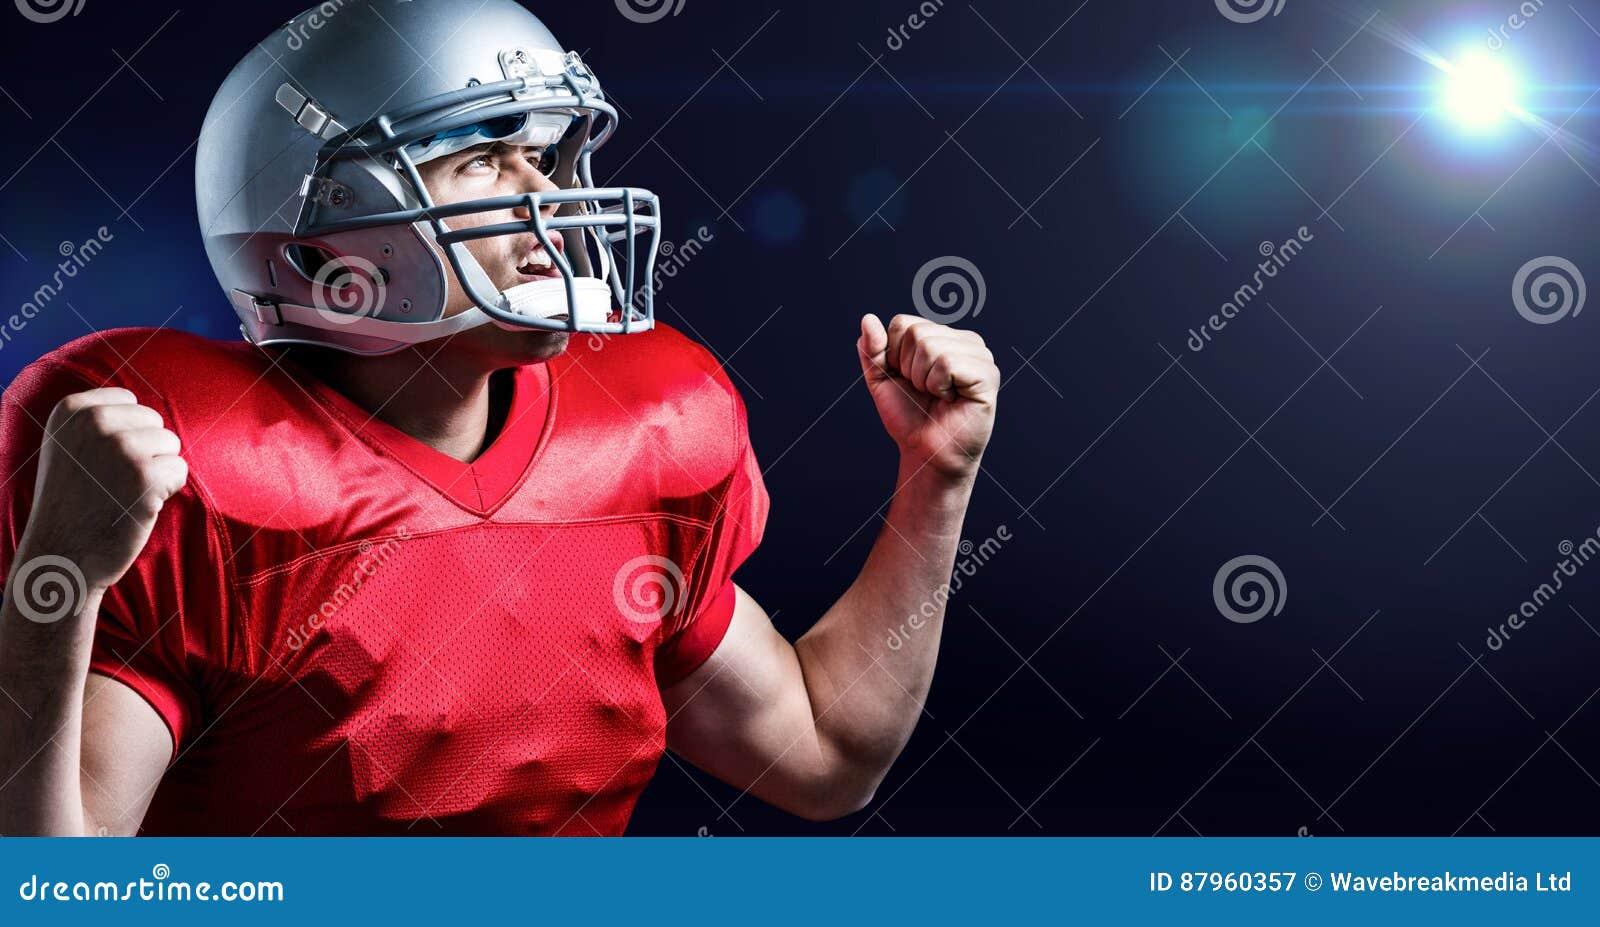 Imagen generada Digital del jugador de fútbol americano que anima con el puño apretado